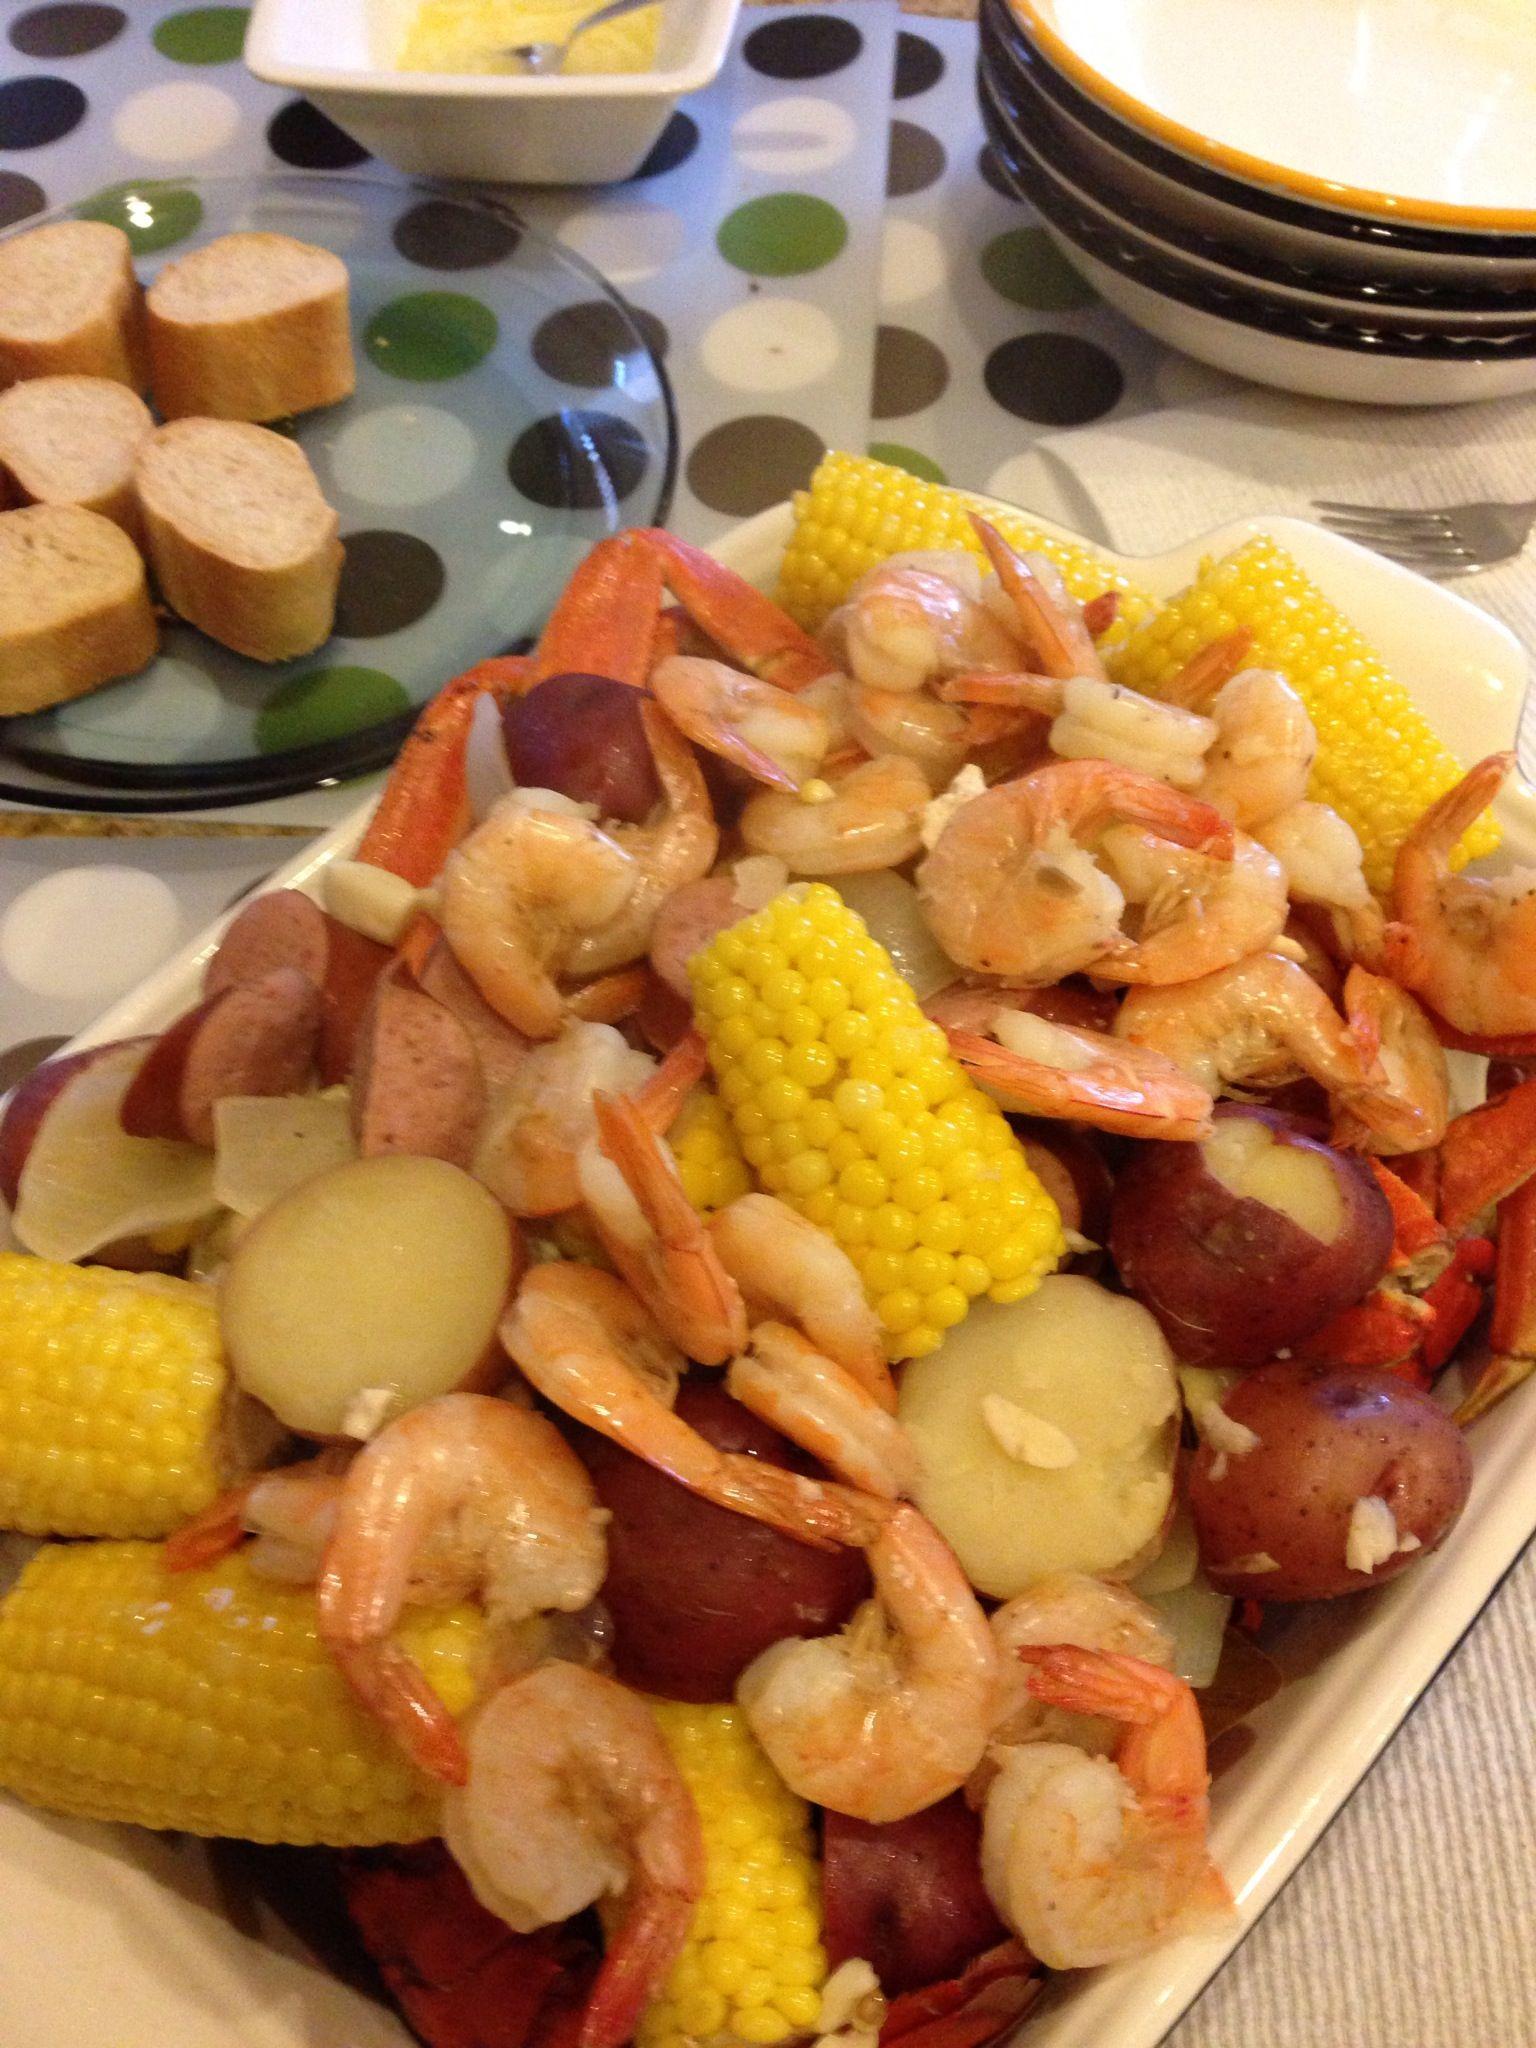 Seafood Boil Lobster Crab Shrimp Sausage Corn Potatoes Seafood Recipes Easy Seafood Recipes Seafood Boil